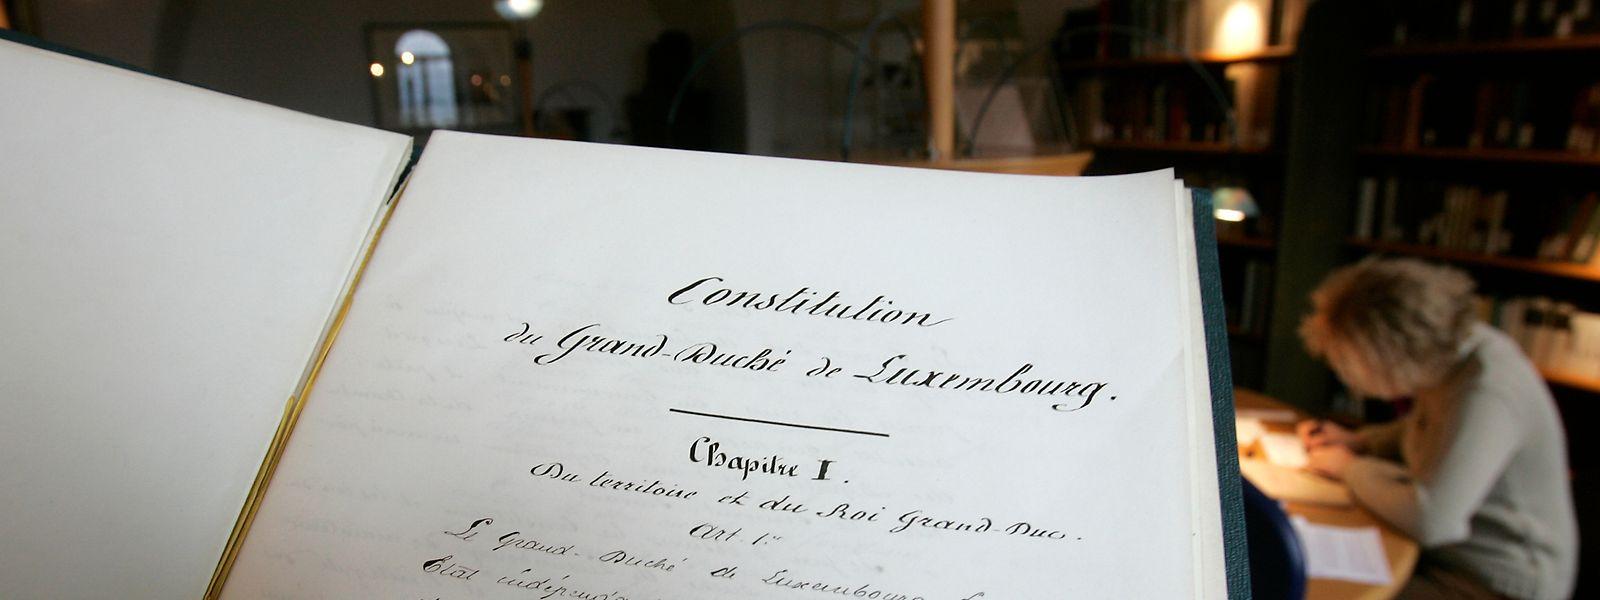 Die Verfassung aus dem Jahr 1868 wird Schritt für Schritt überarbeitet. Das Kapitel zur Justiz machte den Anfang.